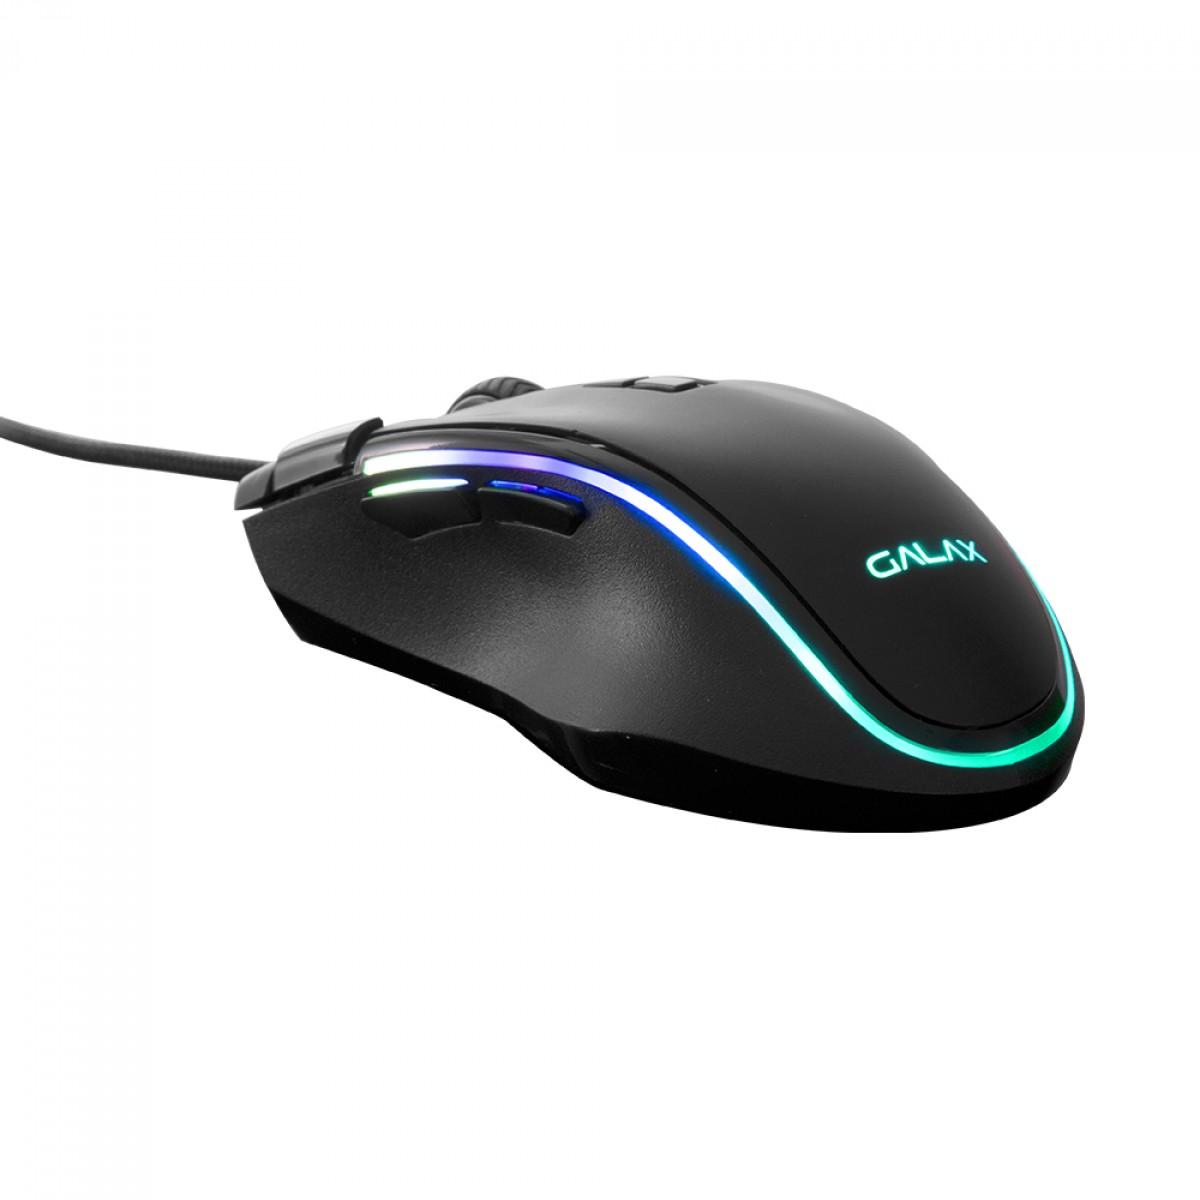 Mouse Gamer Galax Slider-01, 7200 DPI, 8 Botões, RGB, Black, MGS01IA18RG2B0